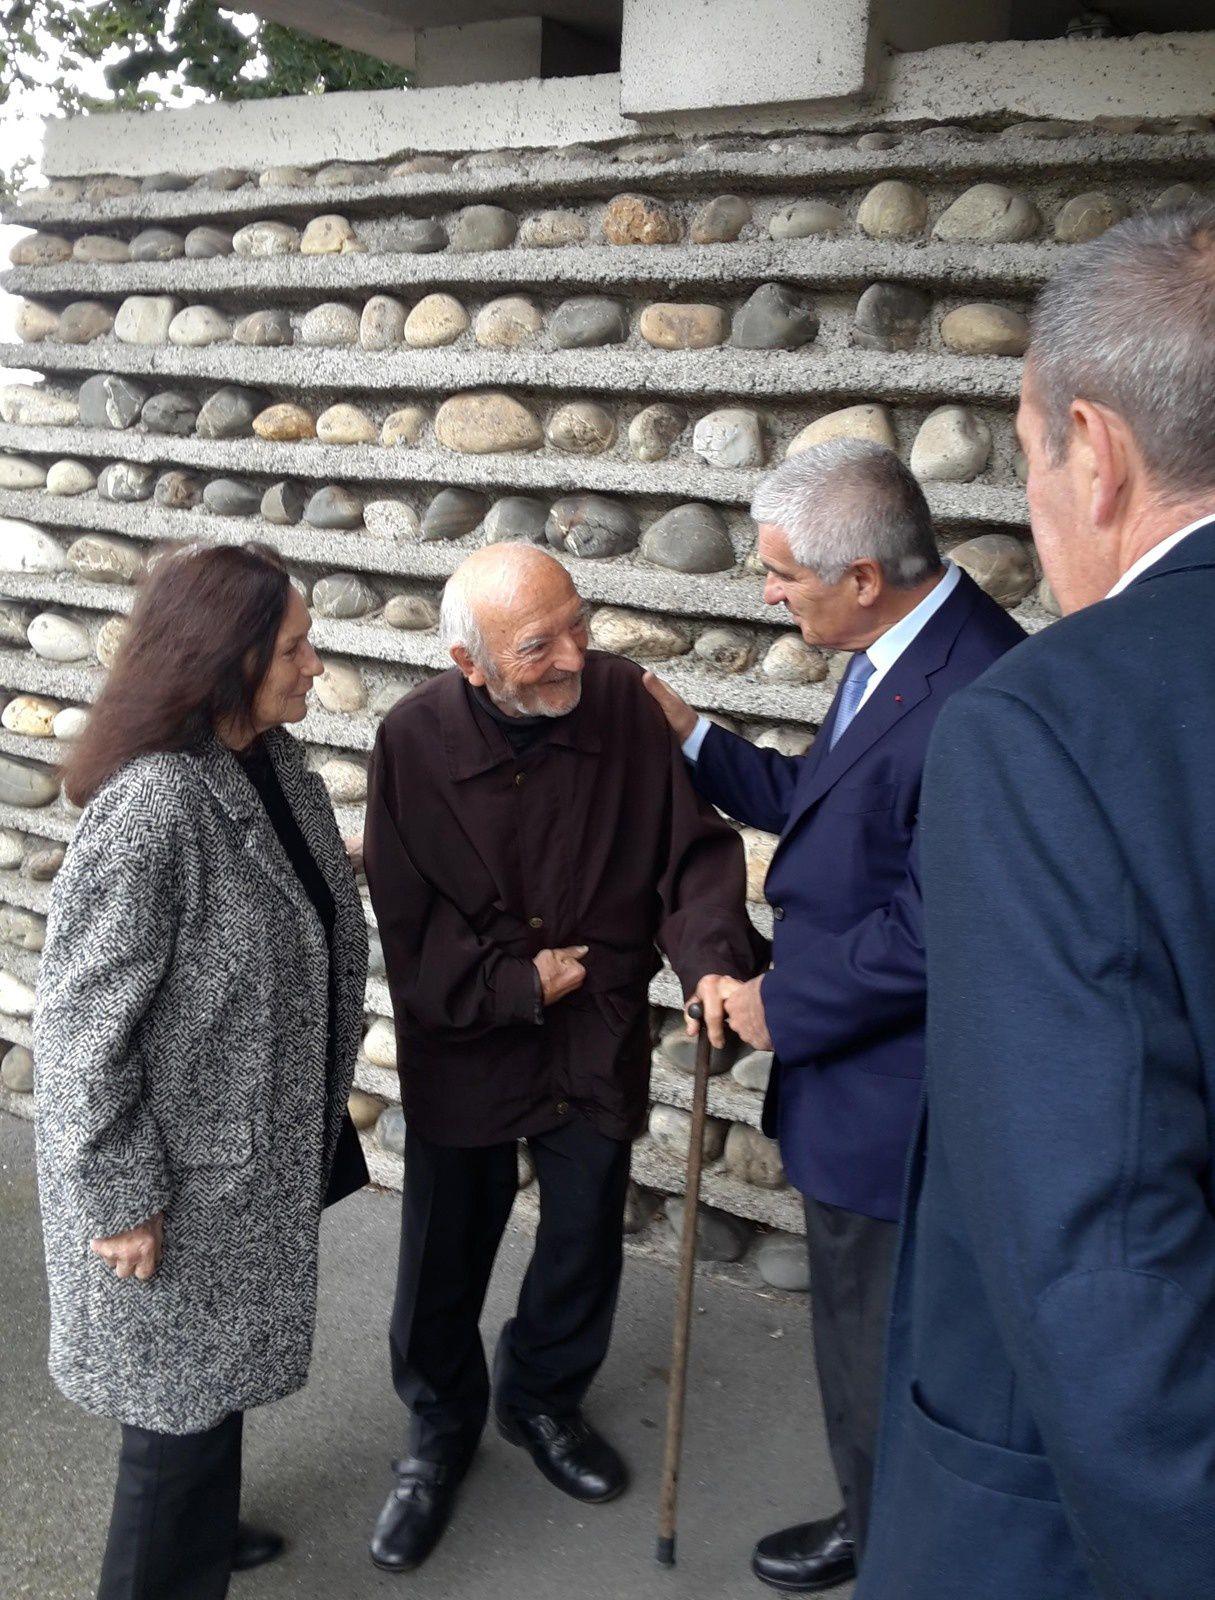 Jocelyn Lermé, Président de Parcours d'architecture, aux côtés d'Edmond et Claudine Lay et de Gérard Trémège, maire de Tarbes